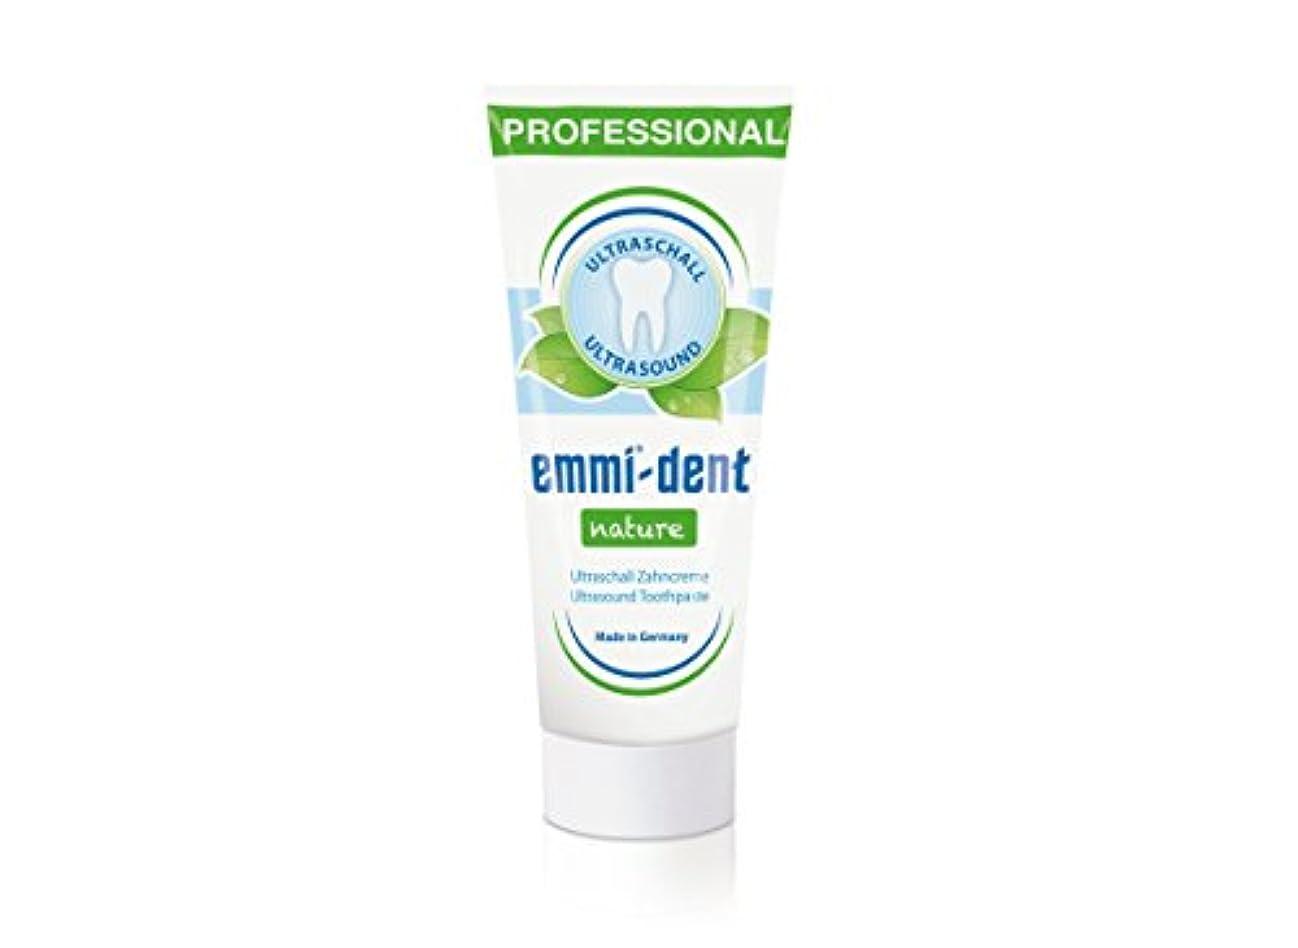 浮く探検失効Emmi−dent(エミデント) 超音波歯ブラシ専用 歯磨きペースト エミデント ネイチャー 75g